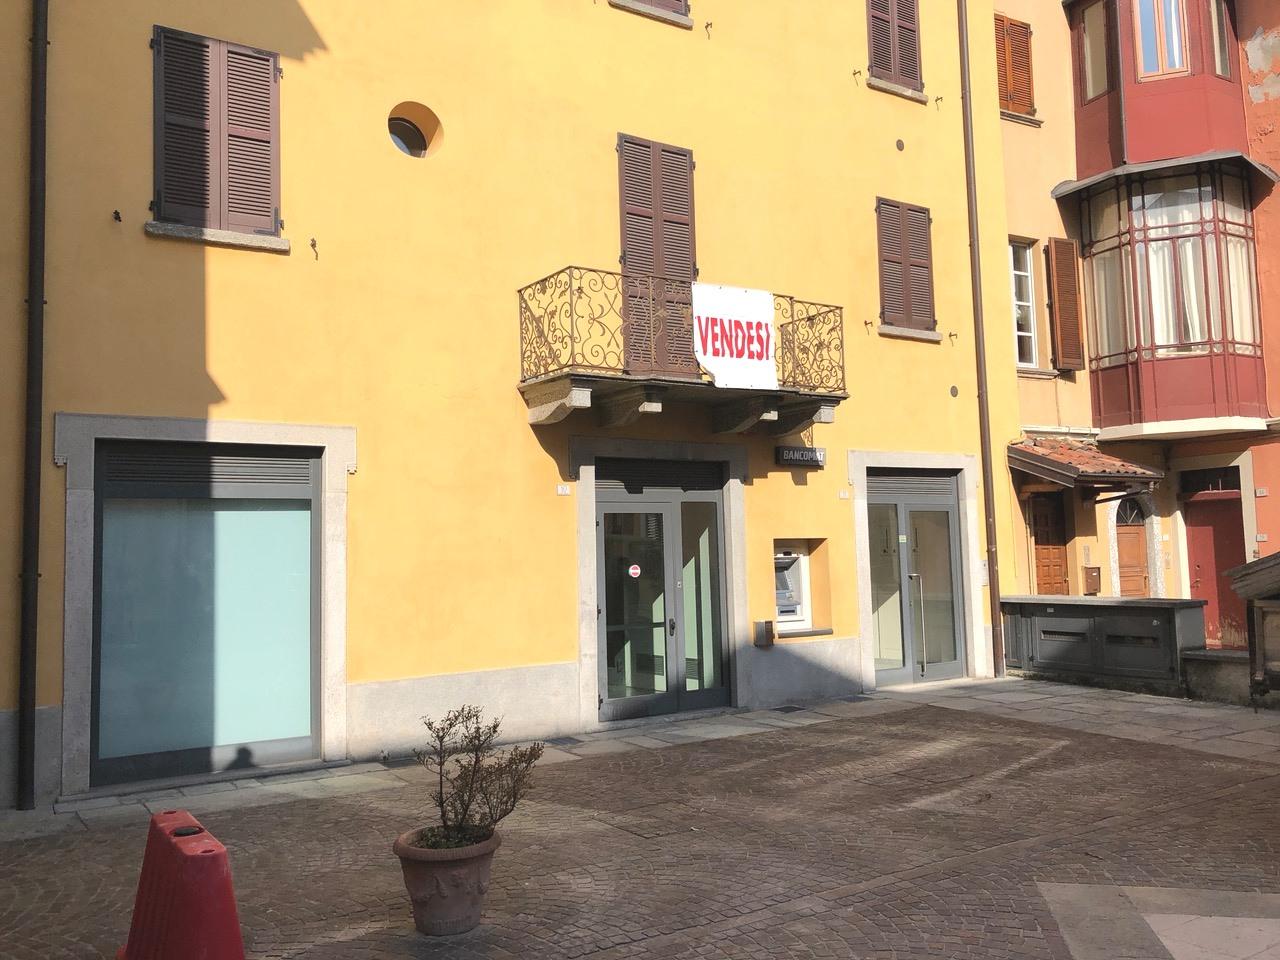 Laboratorio in vendita a Menaggio, 9999 locali, prezzo € 1.250.000 | PortaleAgenzieImmobiliari.it